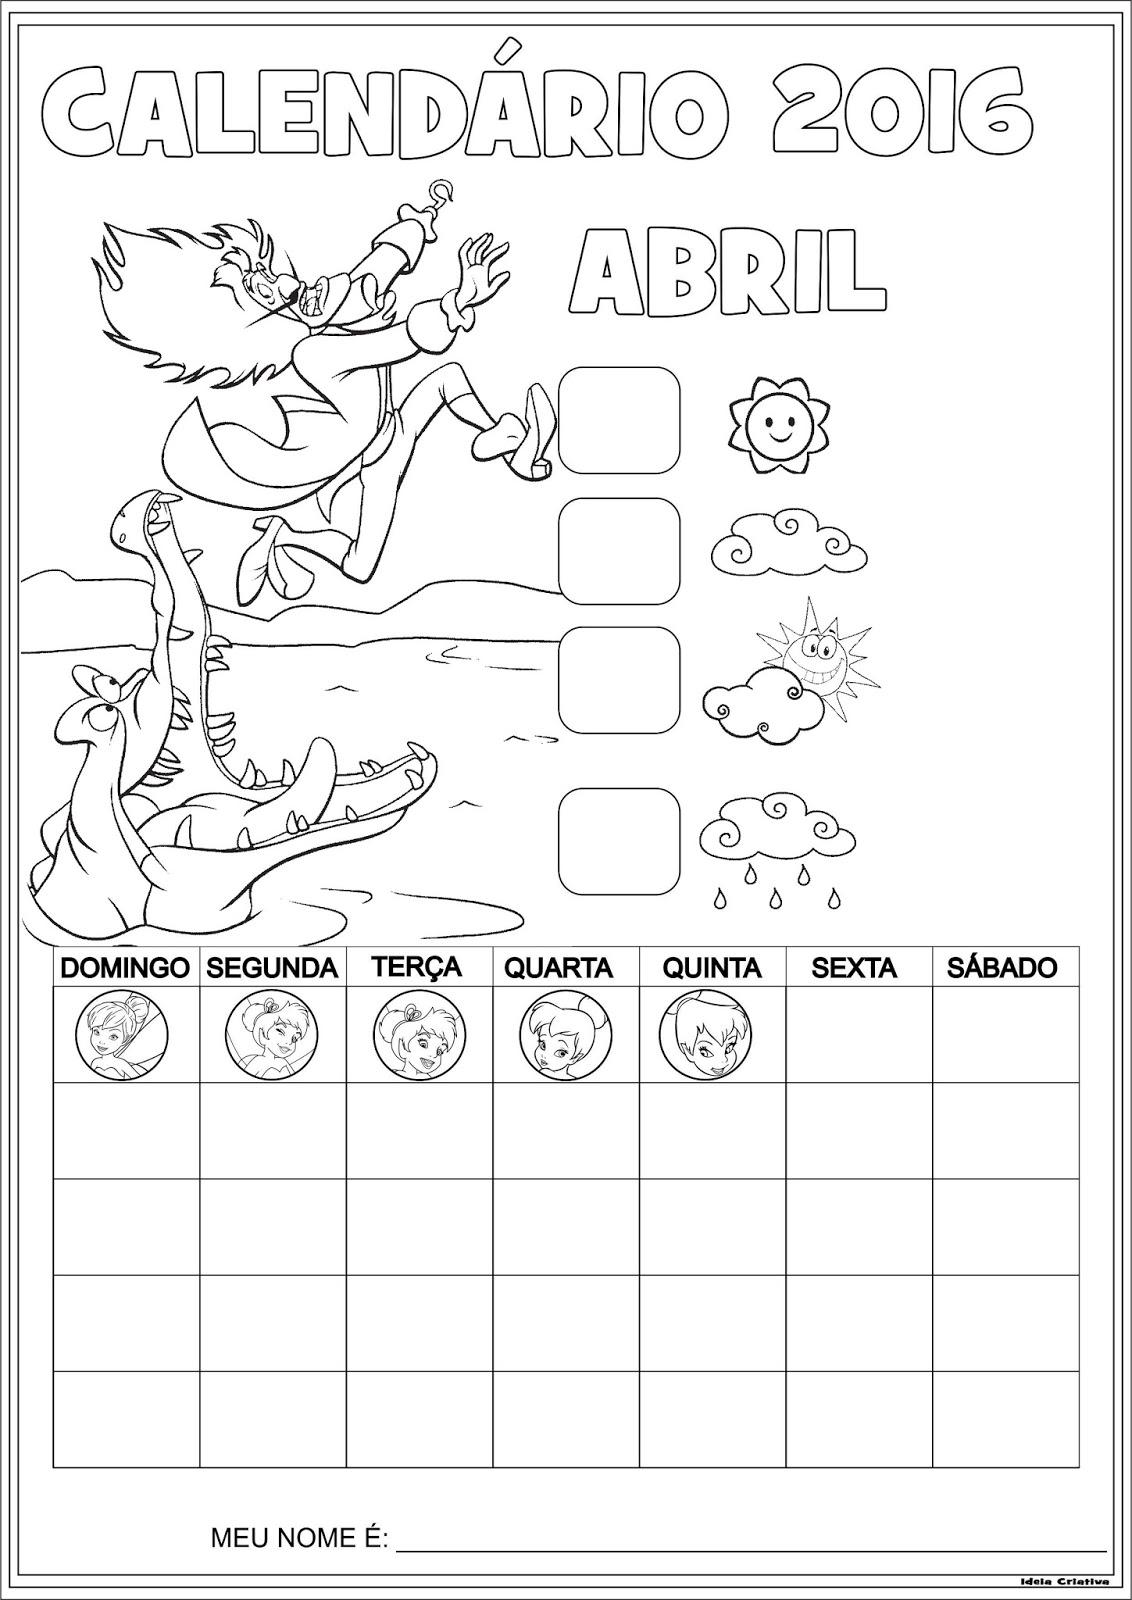 Calendario 2016 Divertidos | Calendar Template 2016